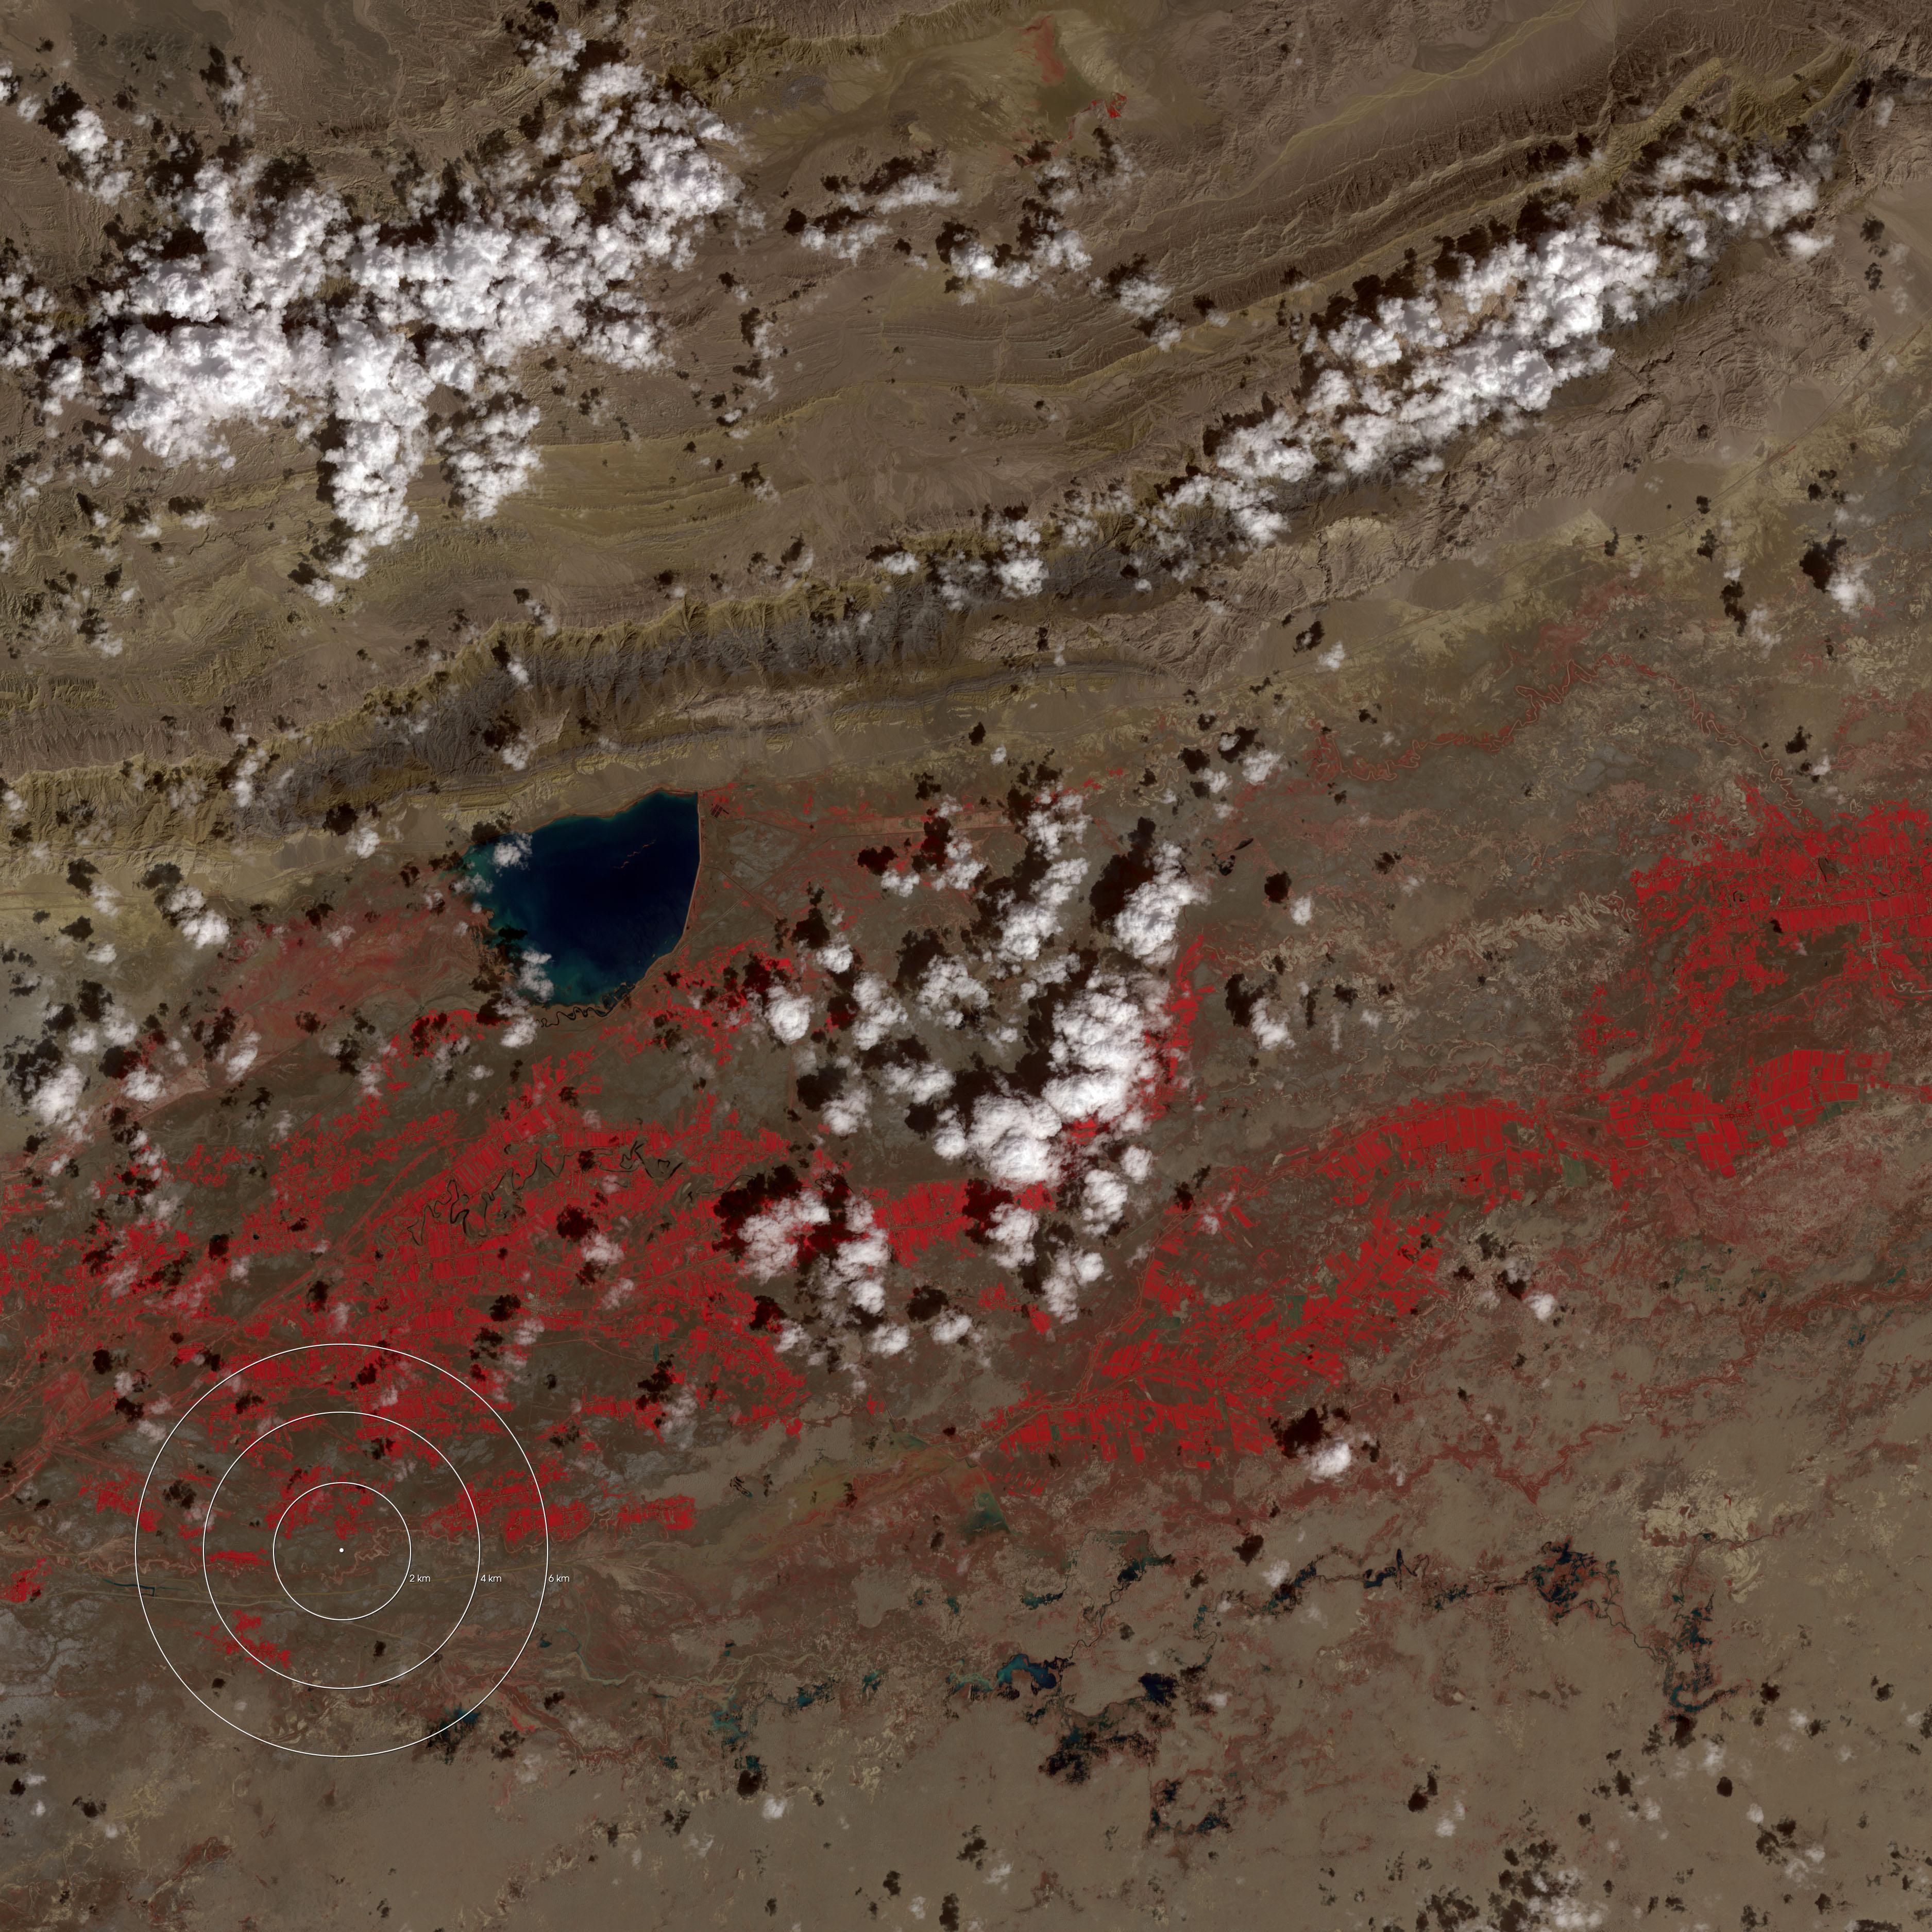 Earthquake in Xinjiang, China February 24, 2003